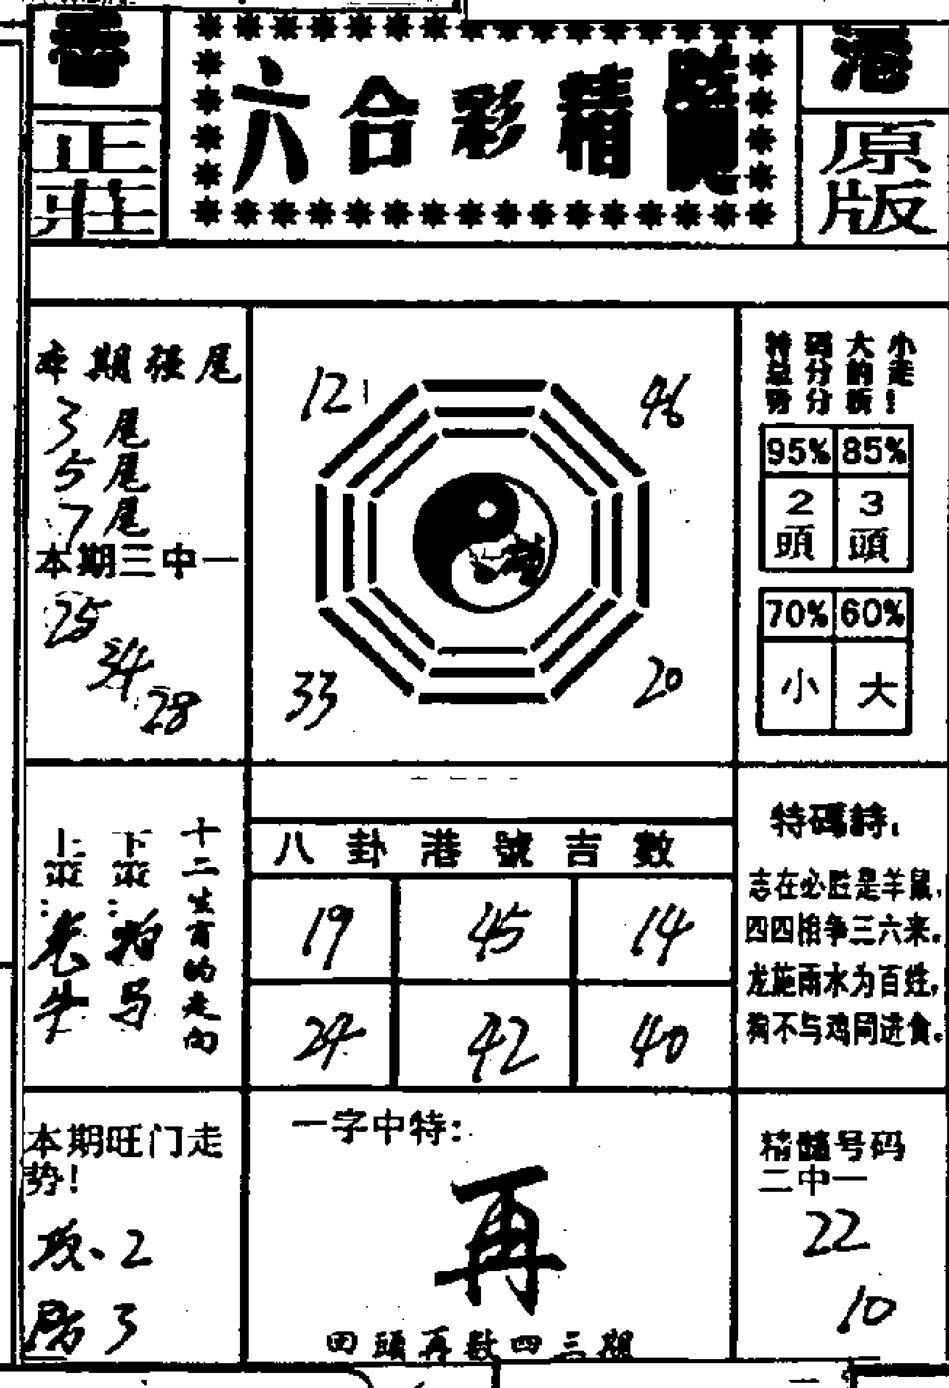 073期六合精髓(黑白)